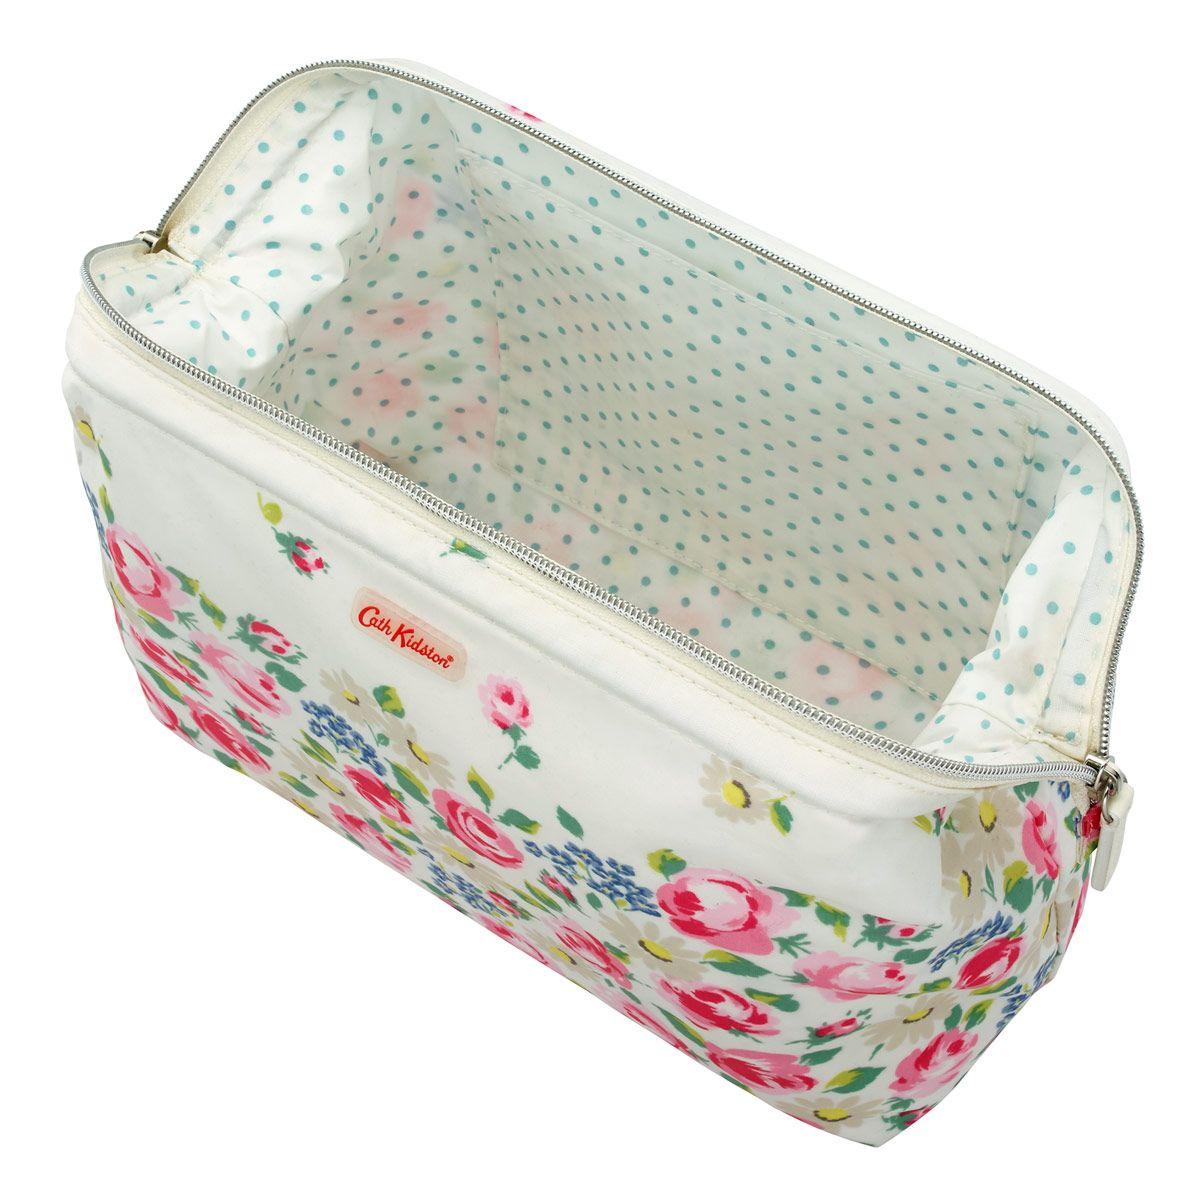 Daisies and Roses Border Frame Wash bag Washbags